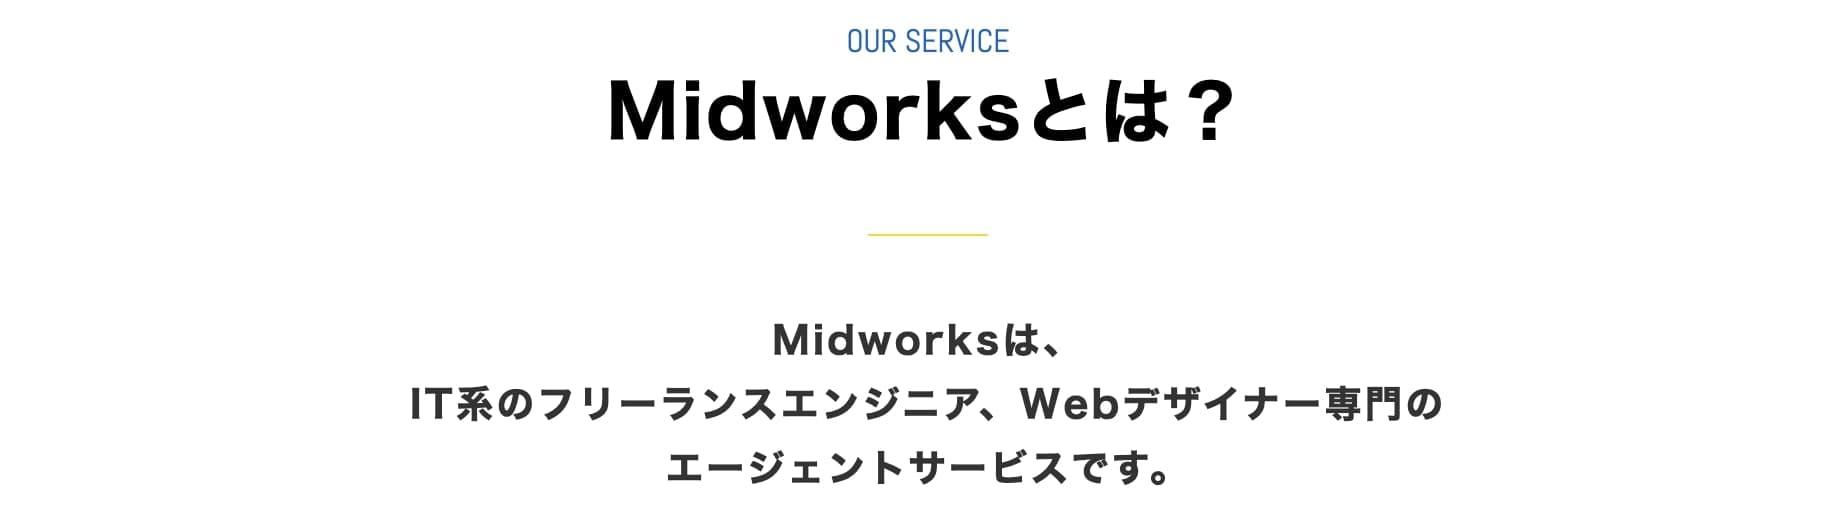 Midworks(ミッドワークス)で掲載されている求人の例